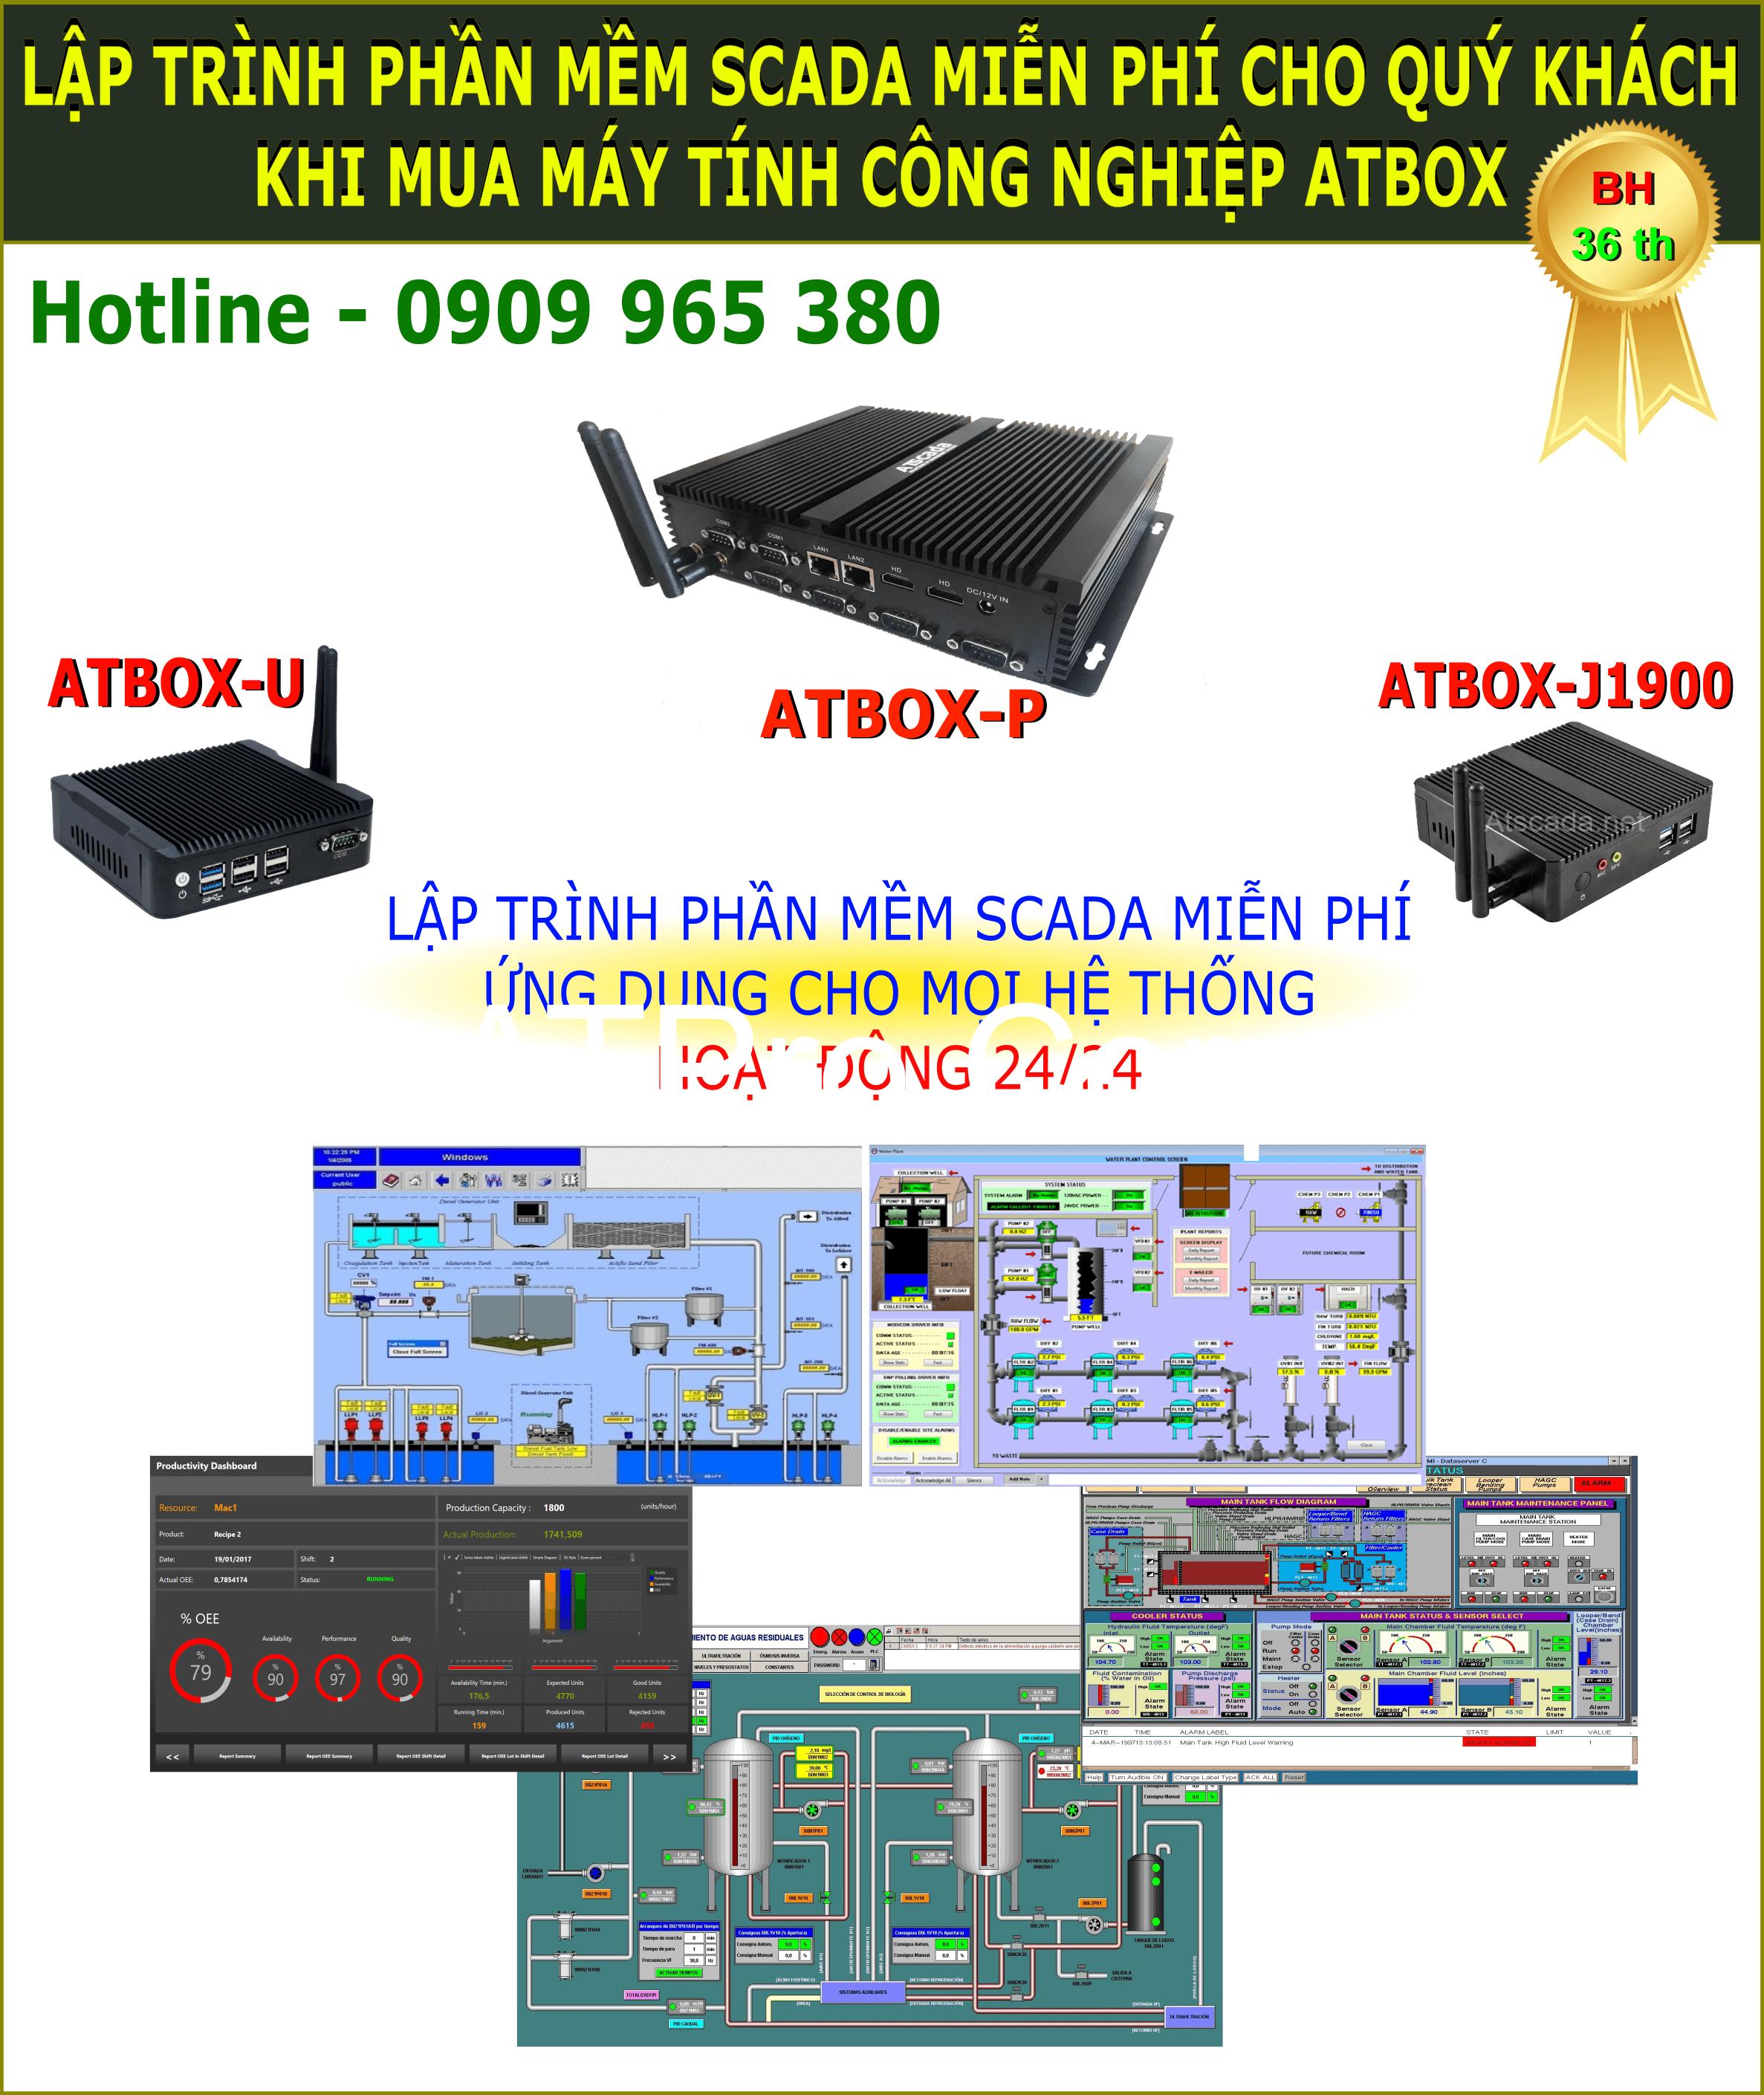 Máy tính công nghiệp gồm phần mềm SCADA giám sát phân tán